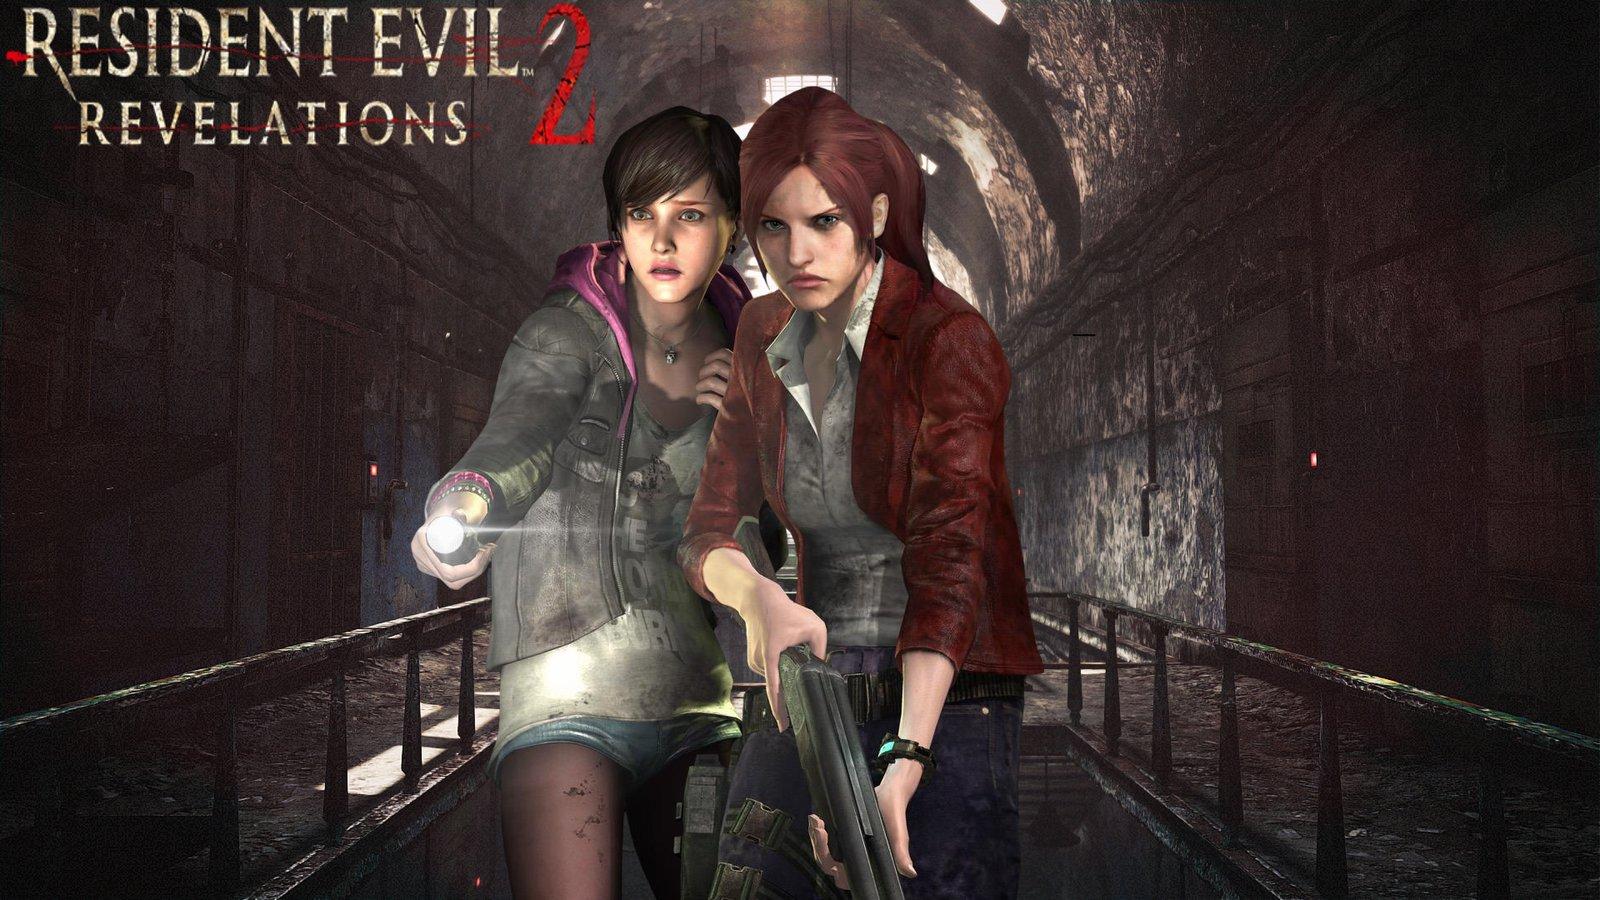 Resident Evil: Revelations 2 full game free pc, download